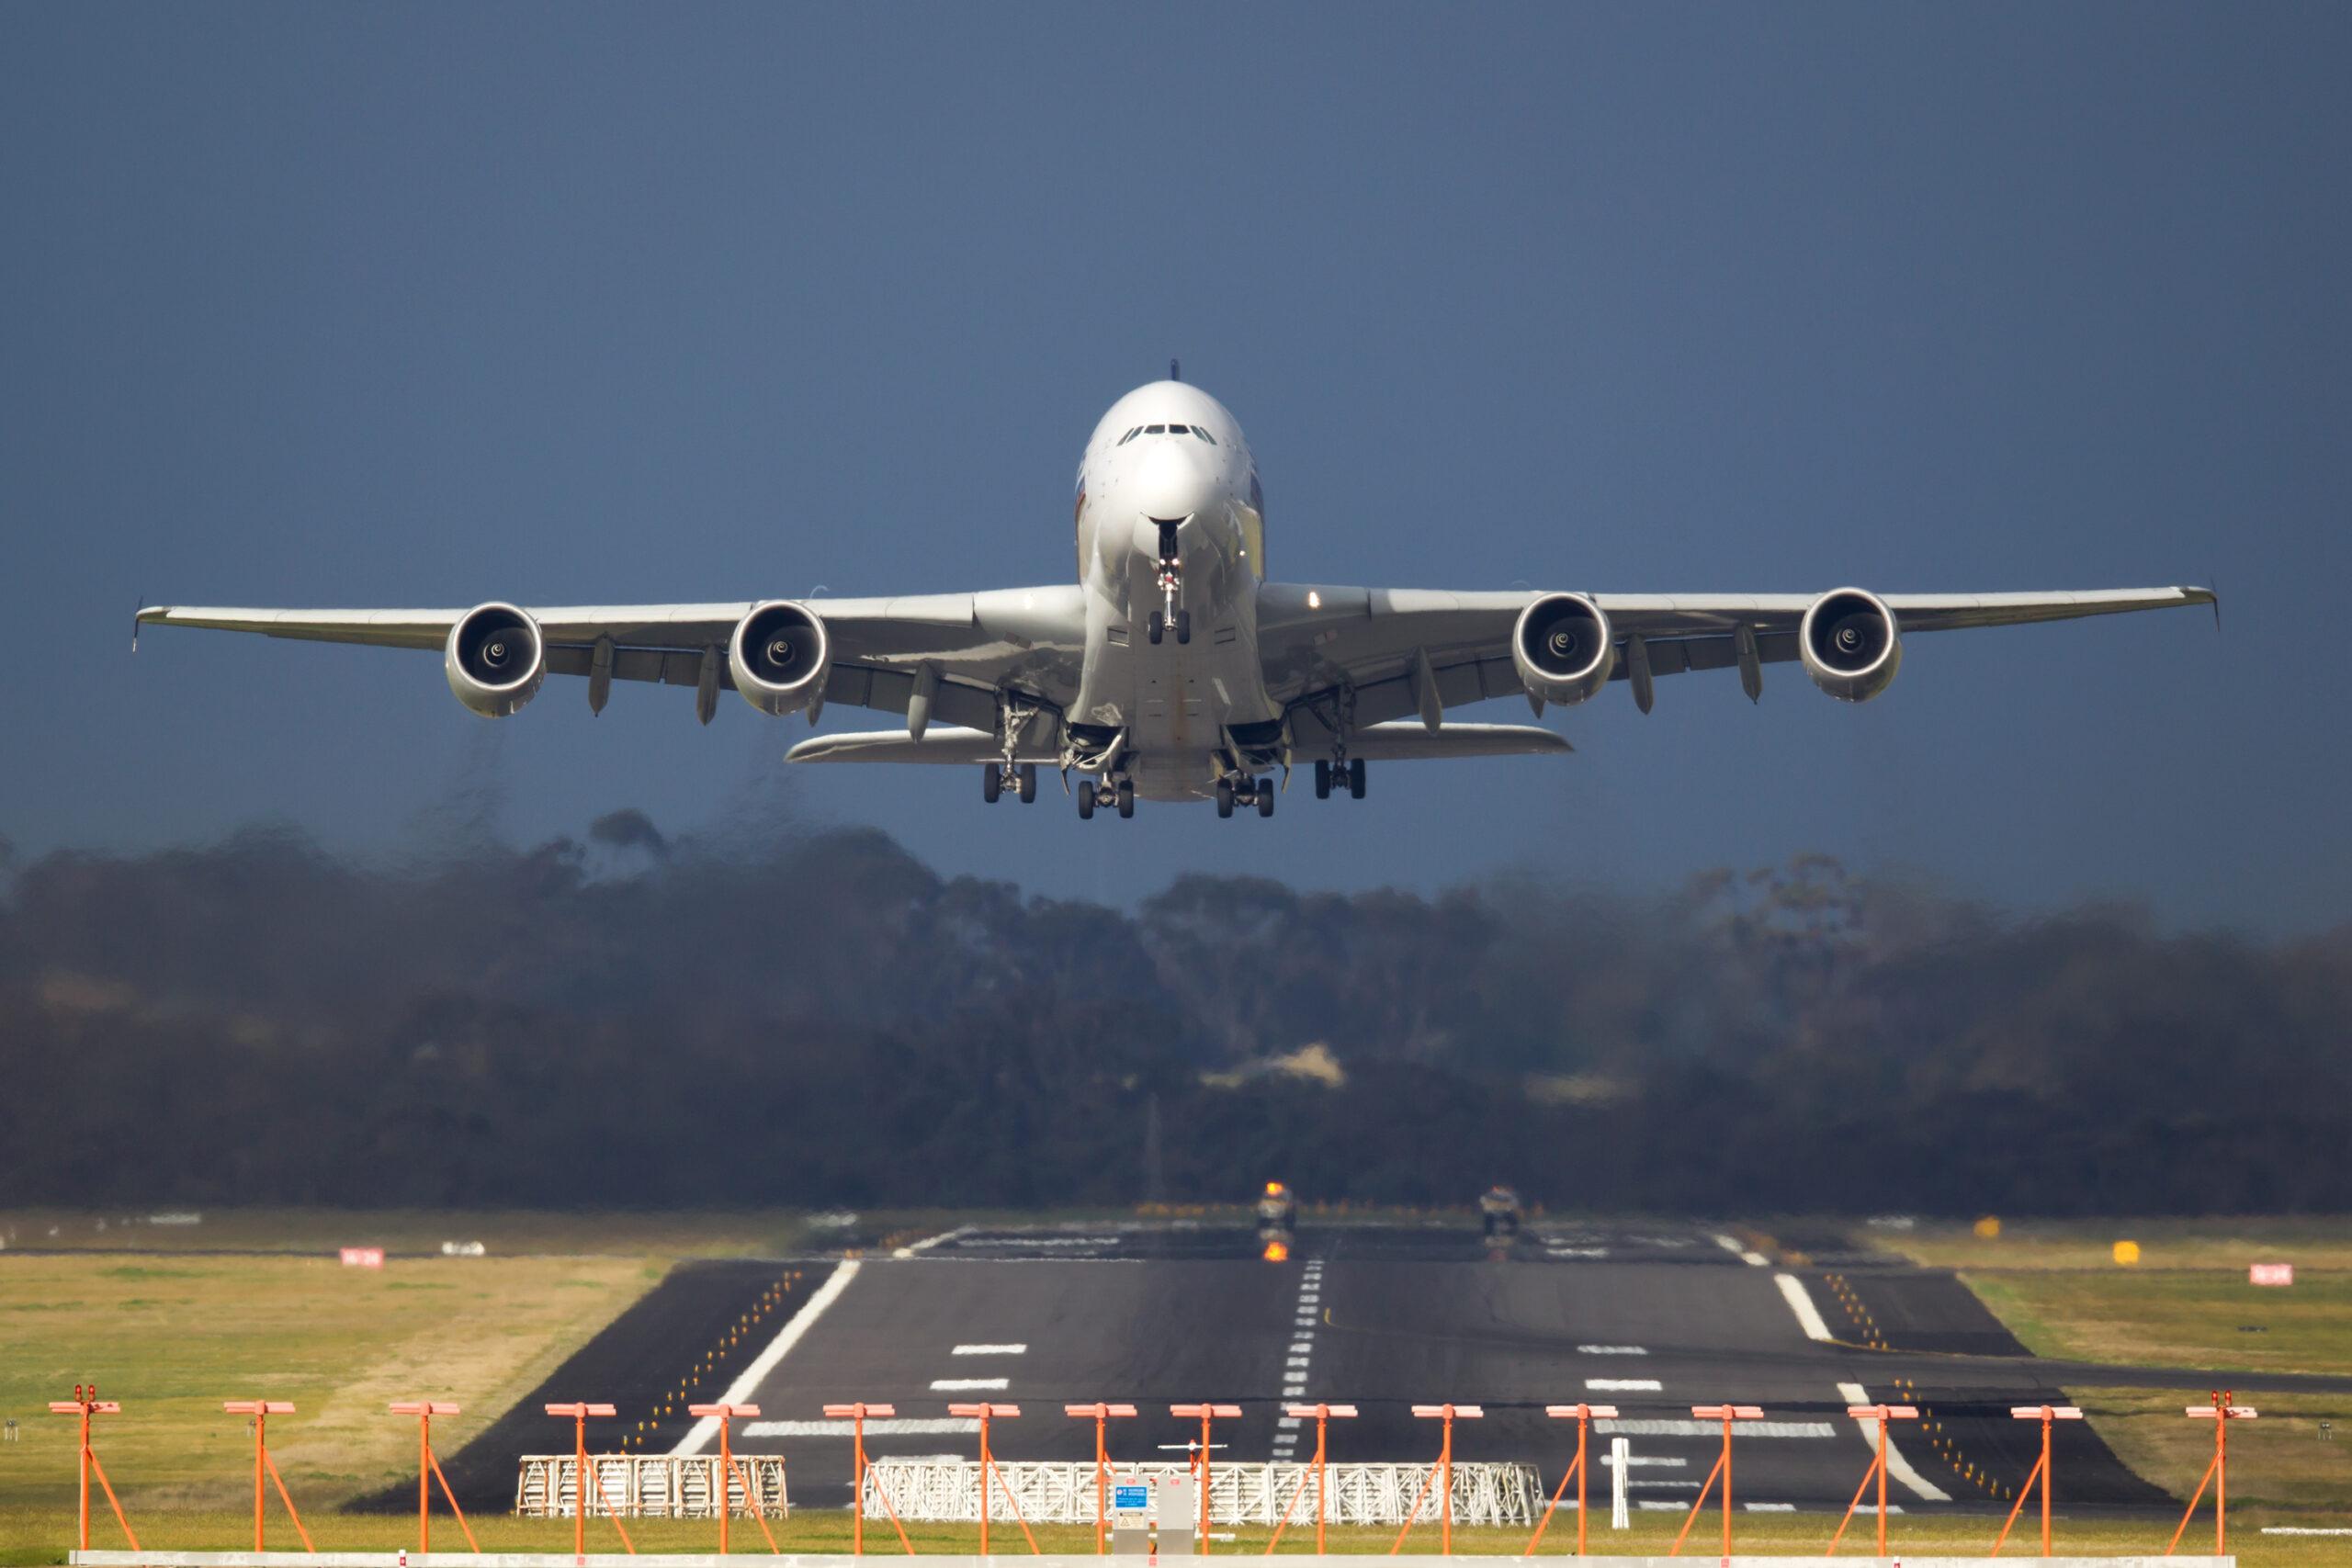 An A380 jumbo jet landing from a flight from Paris.